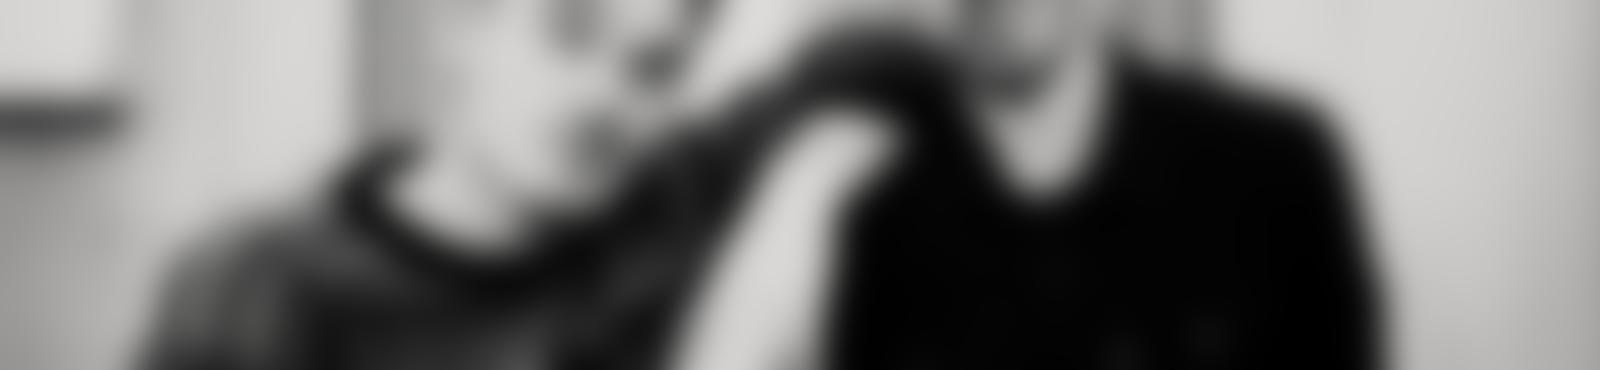 Blurred 9c0e3dbf 014b 42ed b943 60b06c0f9b55